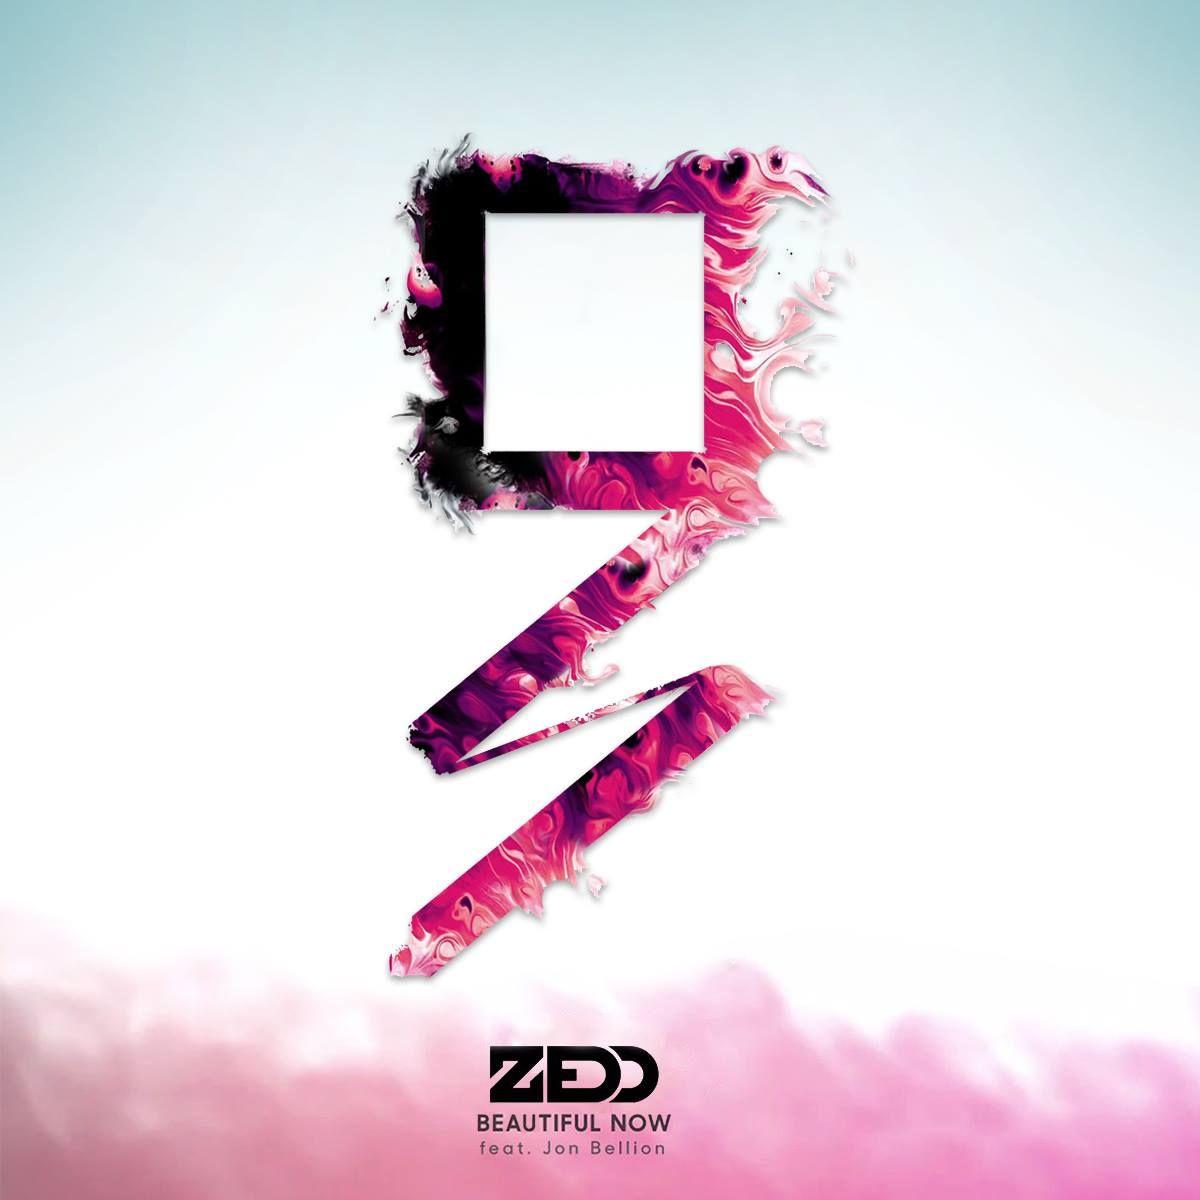 Zedd, Jon Bellion – Beautiful Now (single cover art)